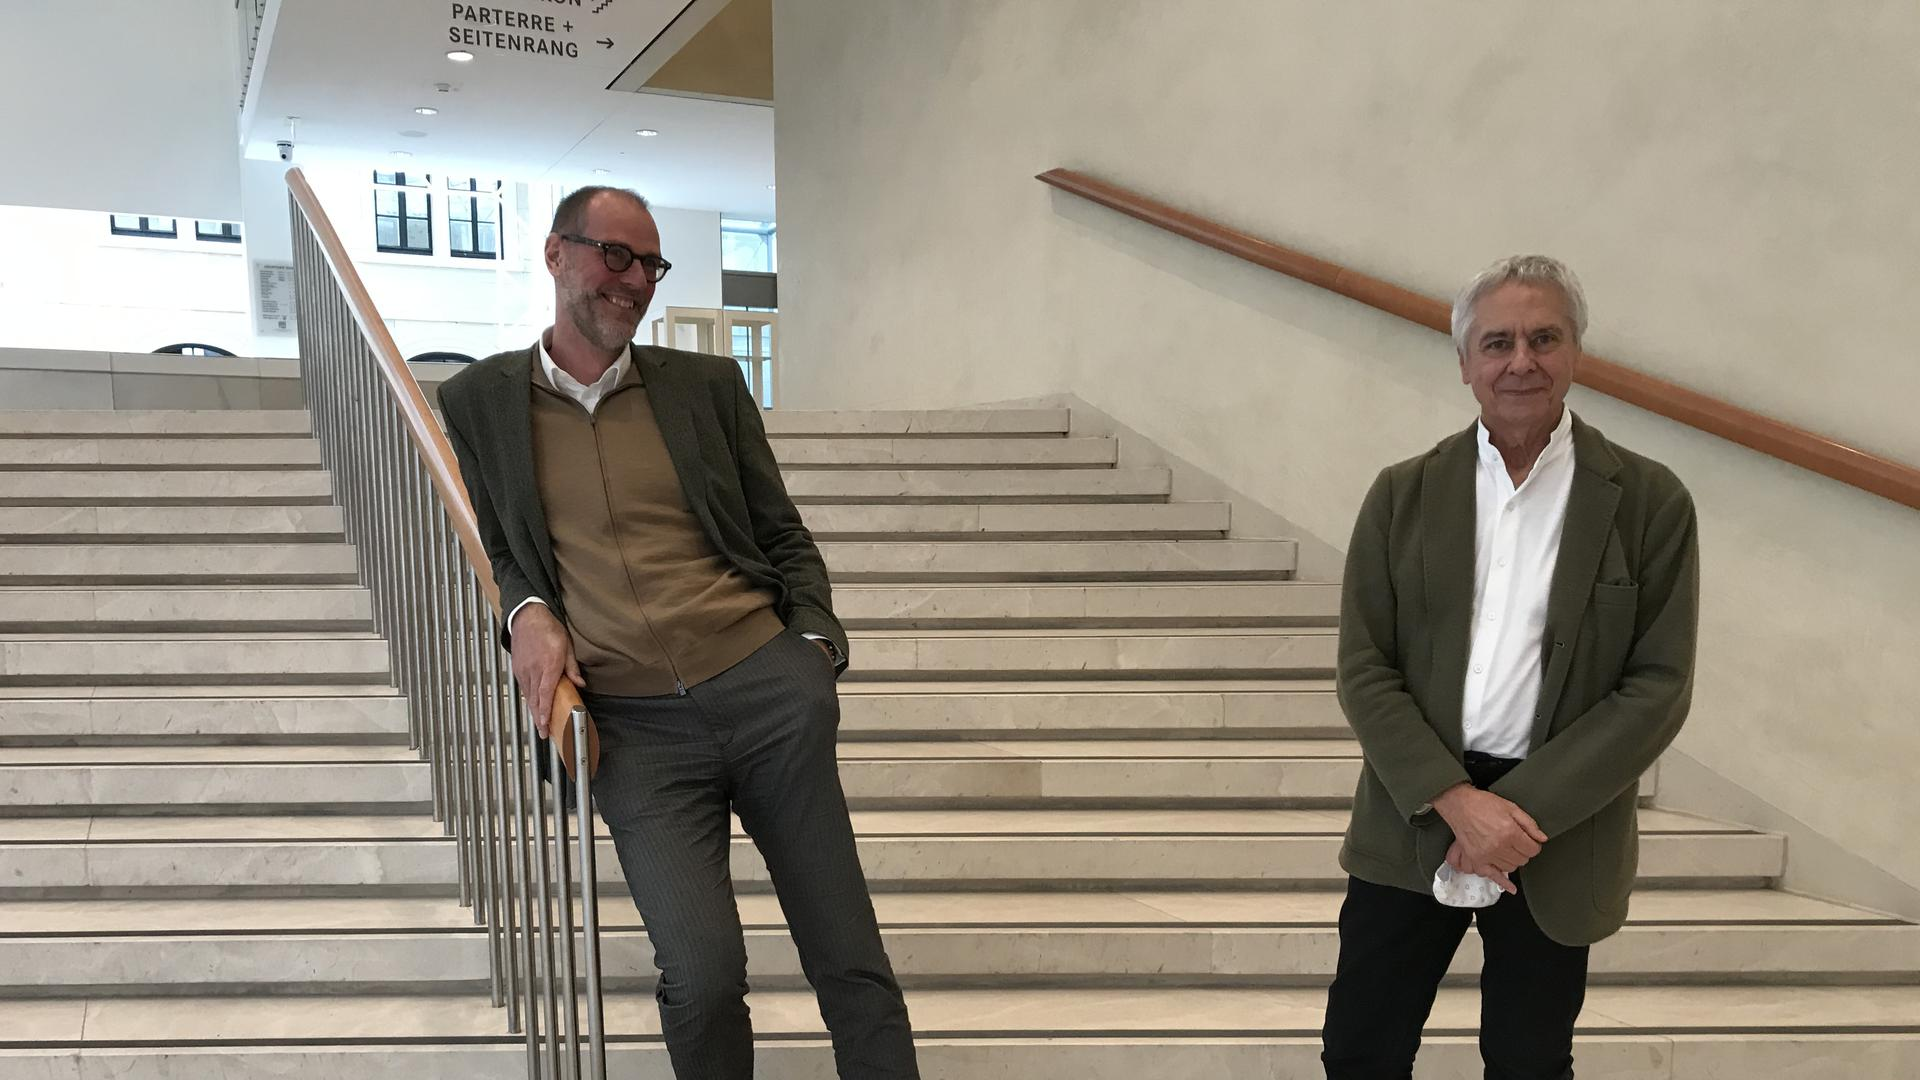 Benedikt Stampa (links), Festspielhaus Intendant steht neben dem Chefchoreographen John Neumeier auf einer Treppe